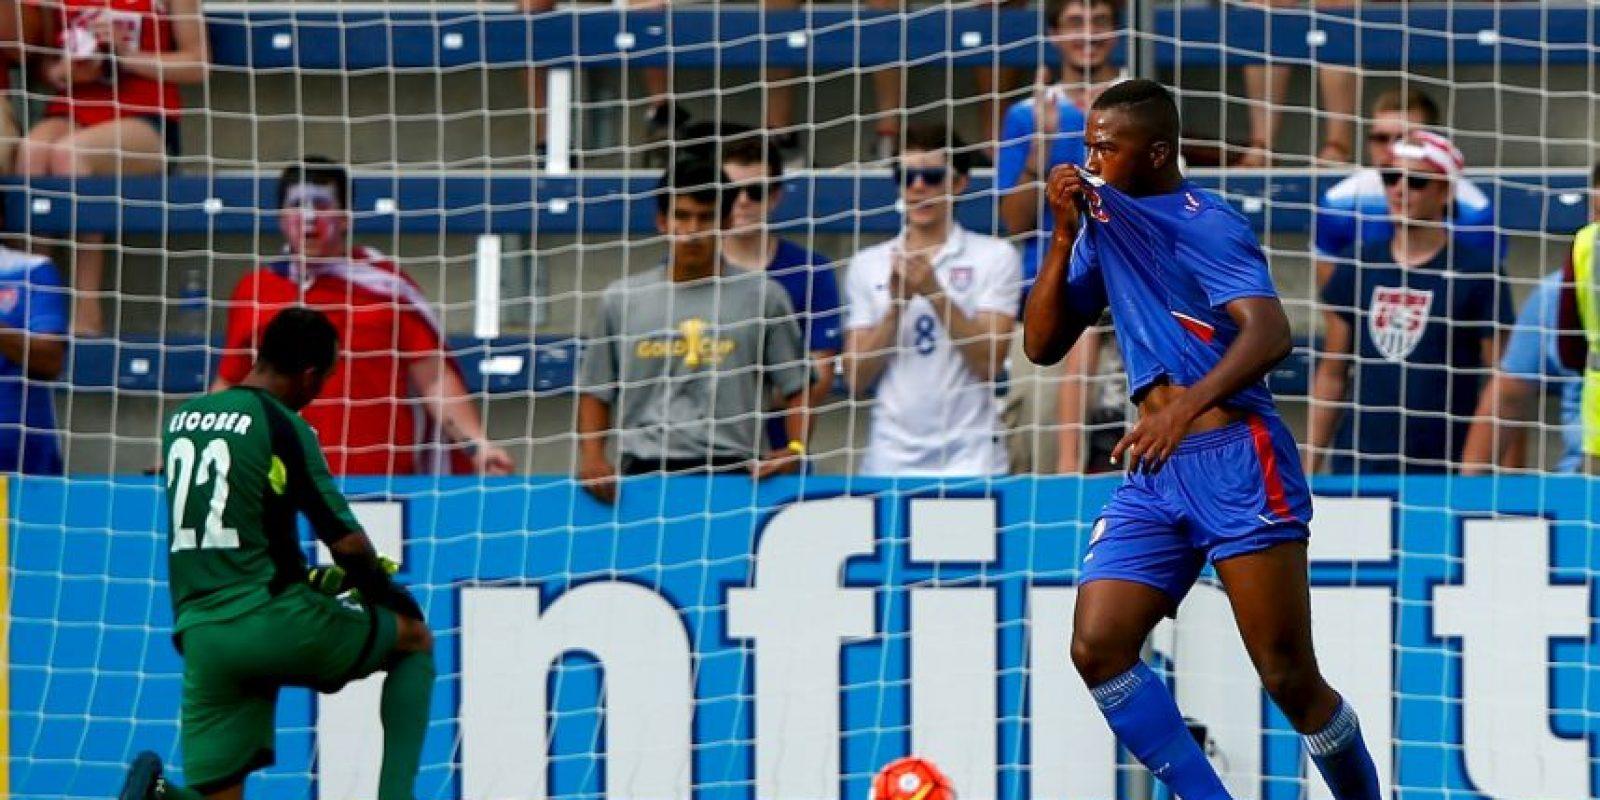 Es uno de los jóvenes delanteros que encabezan la nómina de Haití. Con 22 años, el atacante que defiende los colores del Laval de Francia fue uno de los héroes en la campaña de Haití en la Copa de Oro 2015. Ágil y de temer en el área, Nazon está llamado a ser uno de los estandartes del ataque de Les Granadiens Foto:Getty Images